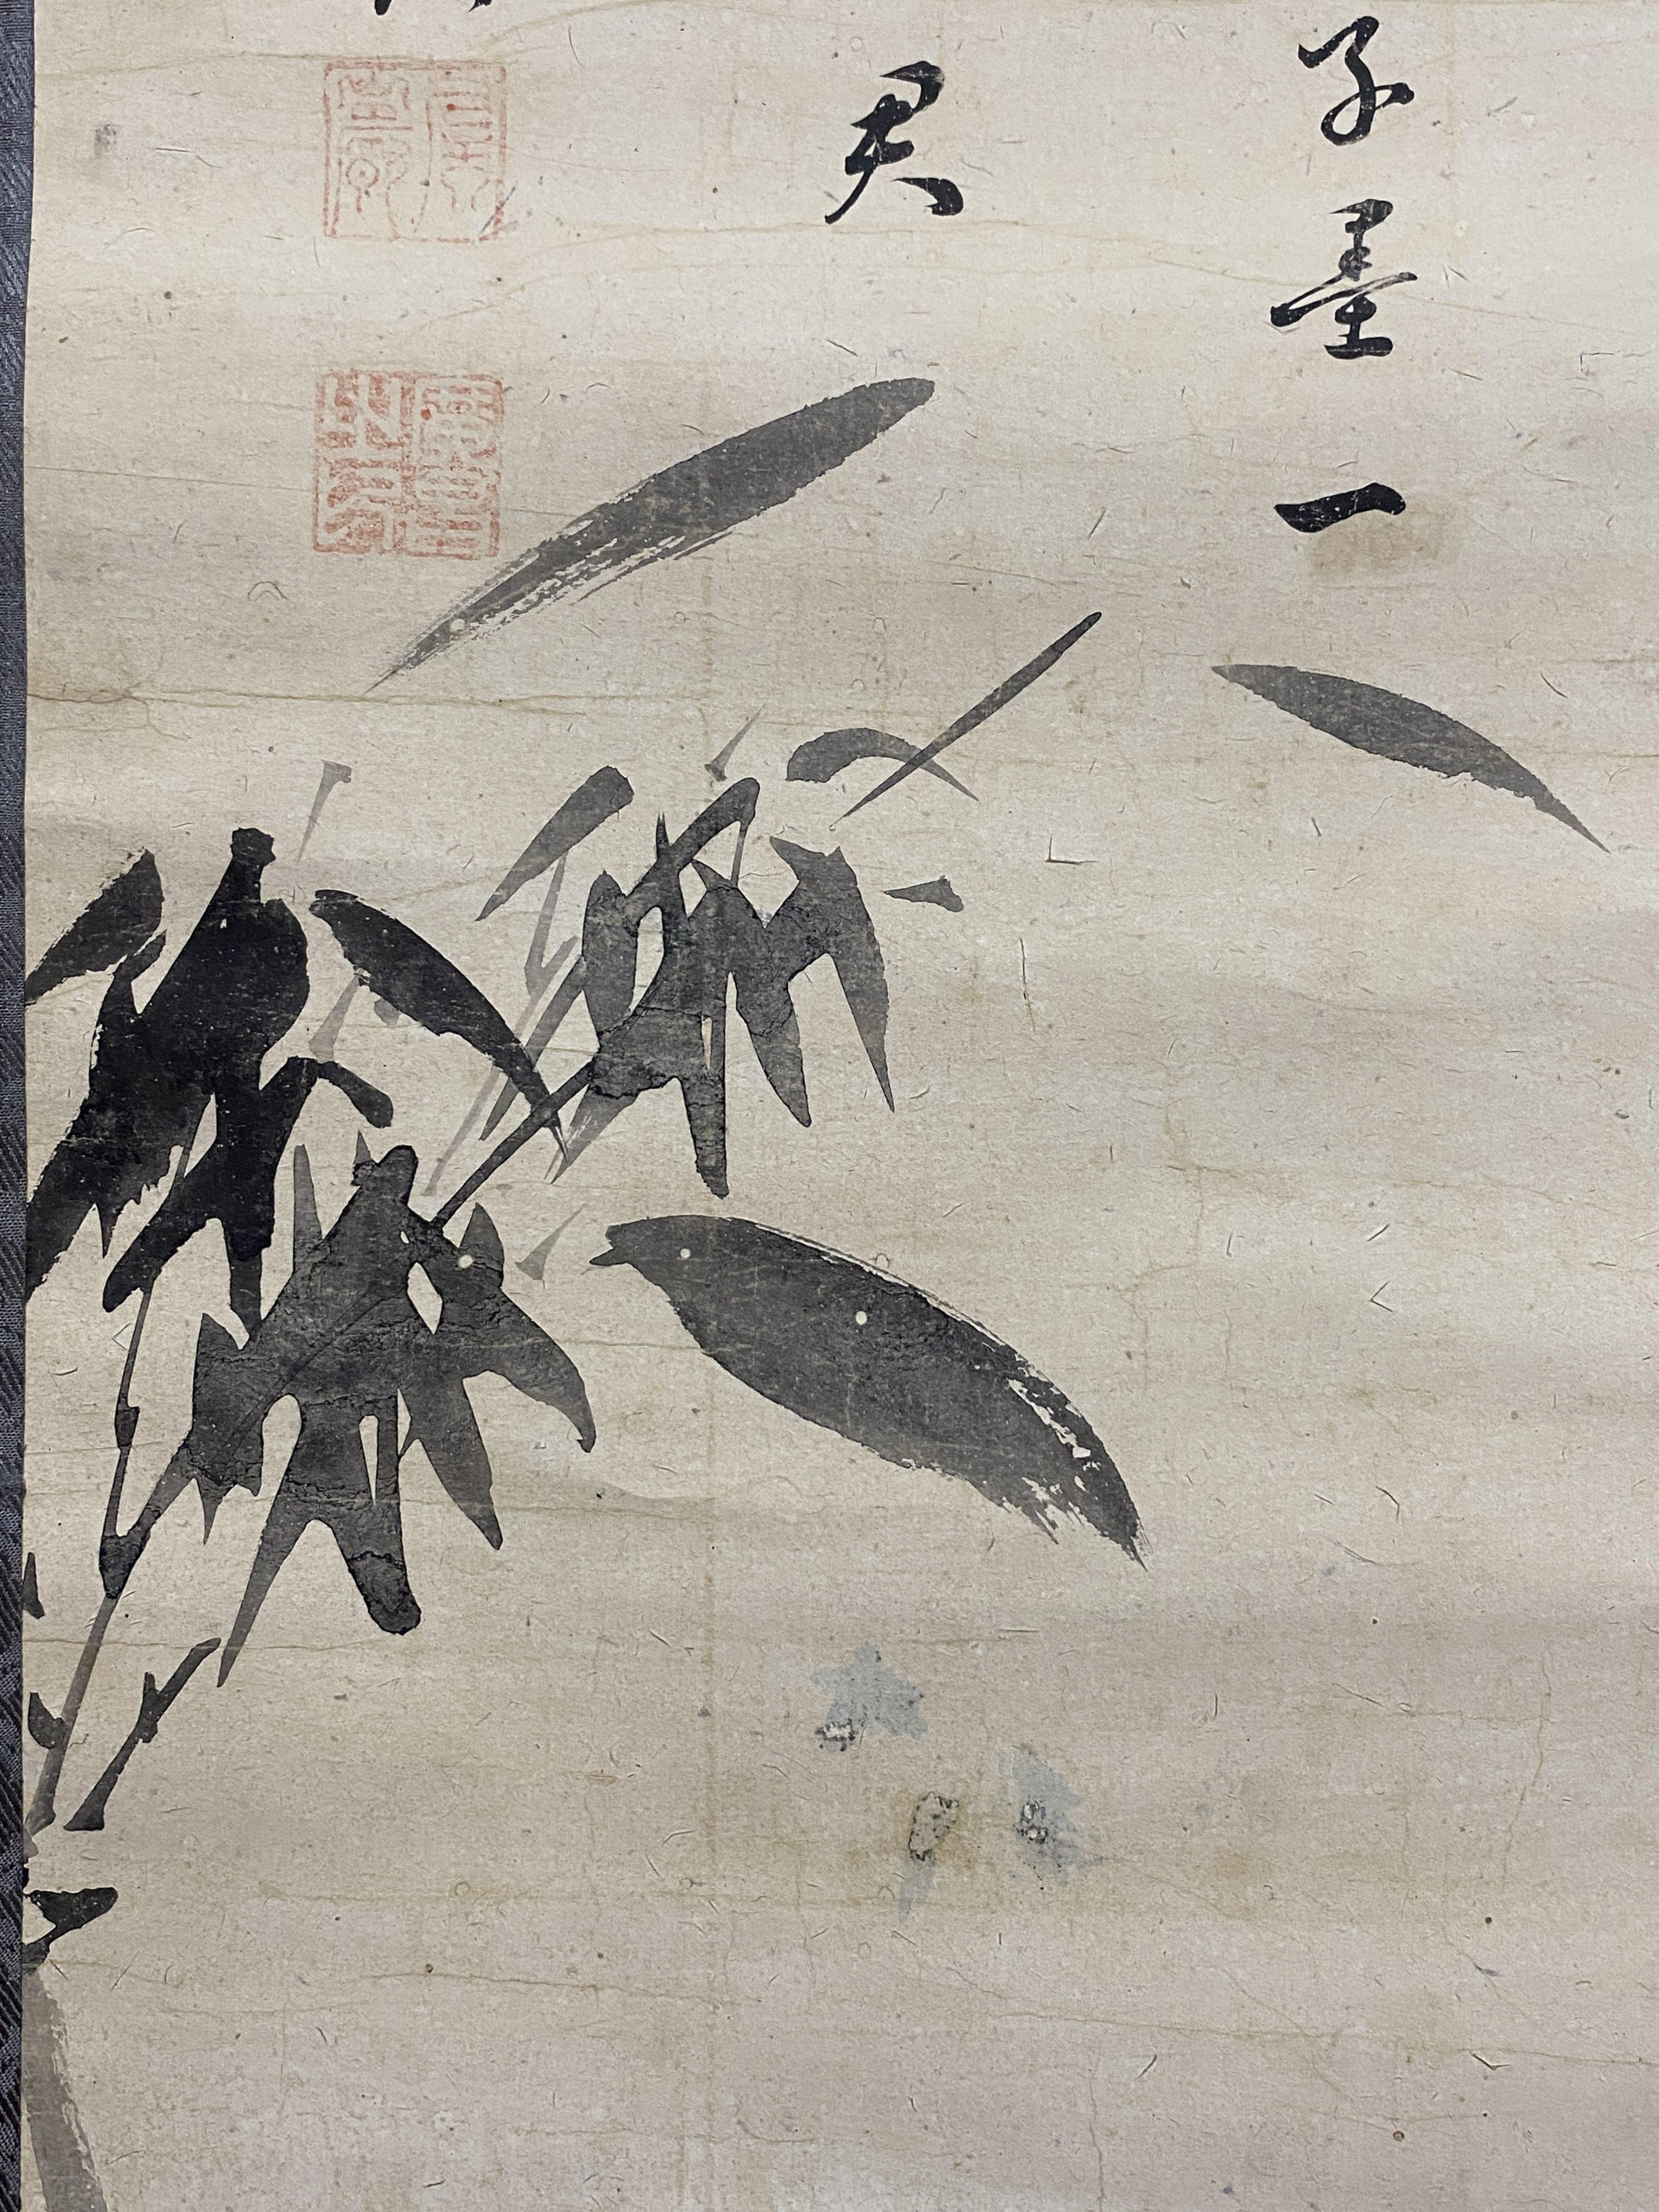 黄檗僧・全巌広昌筆 墨竹図